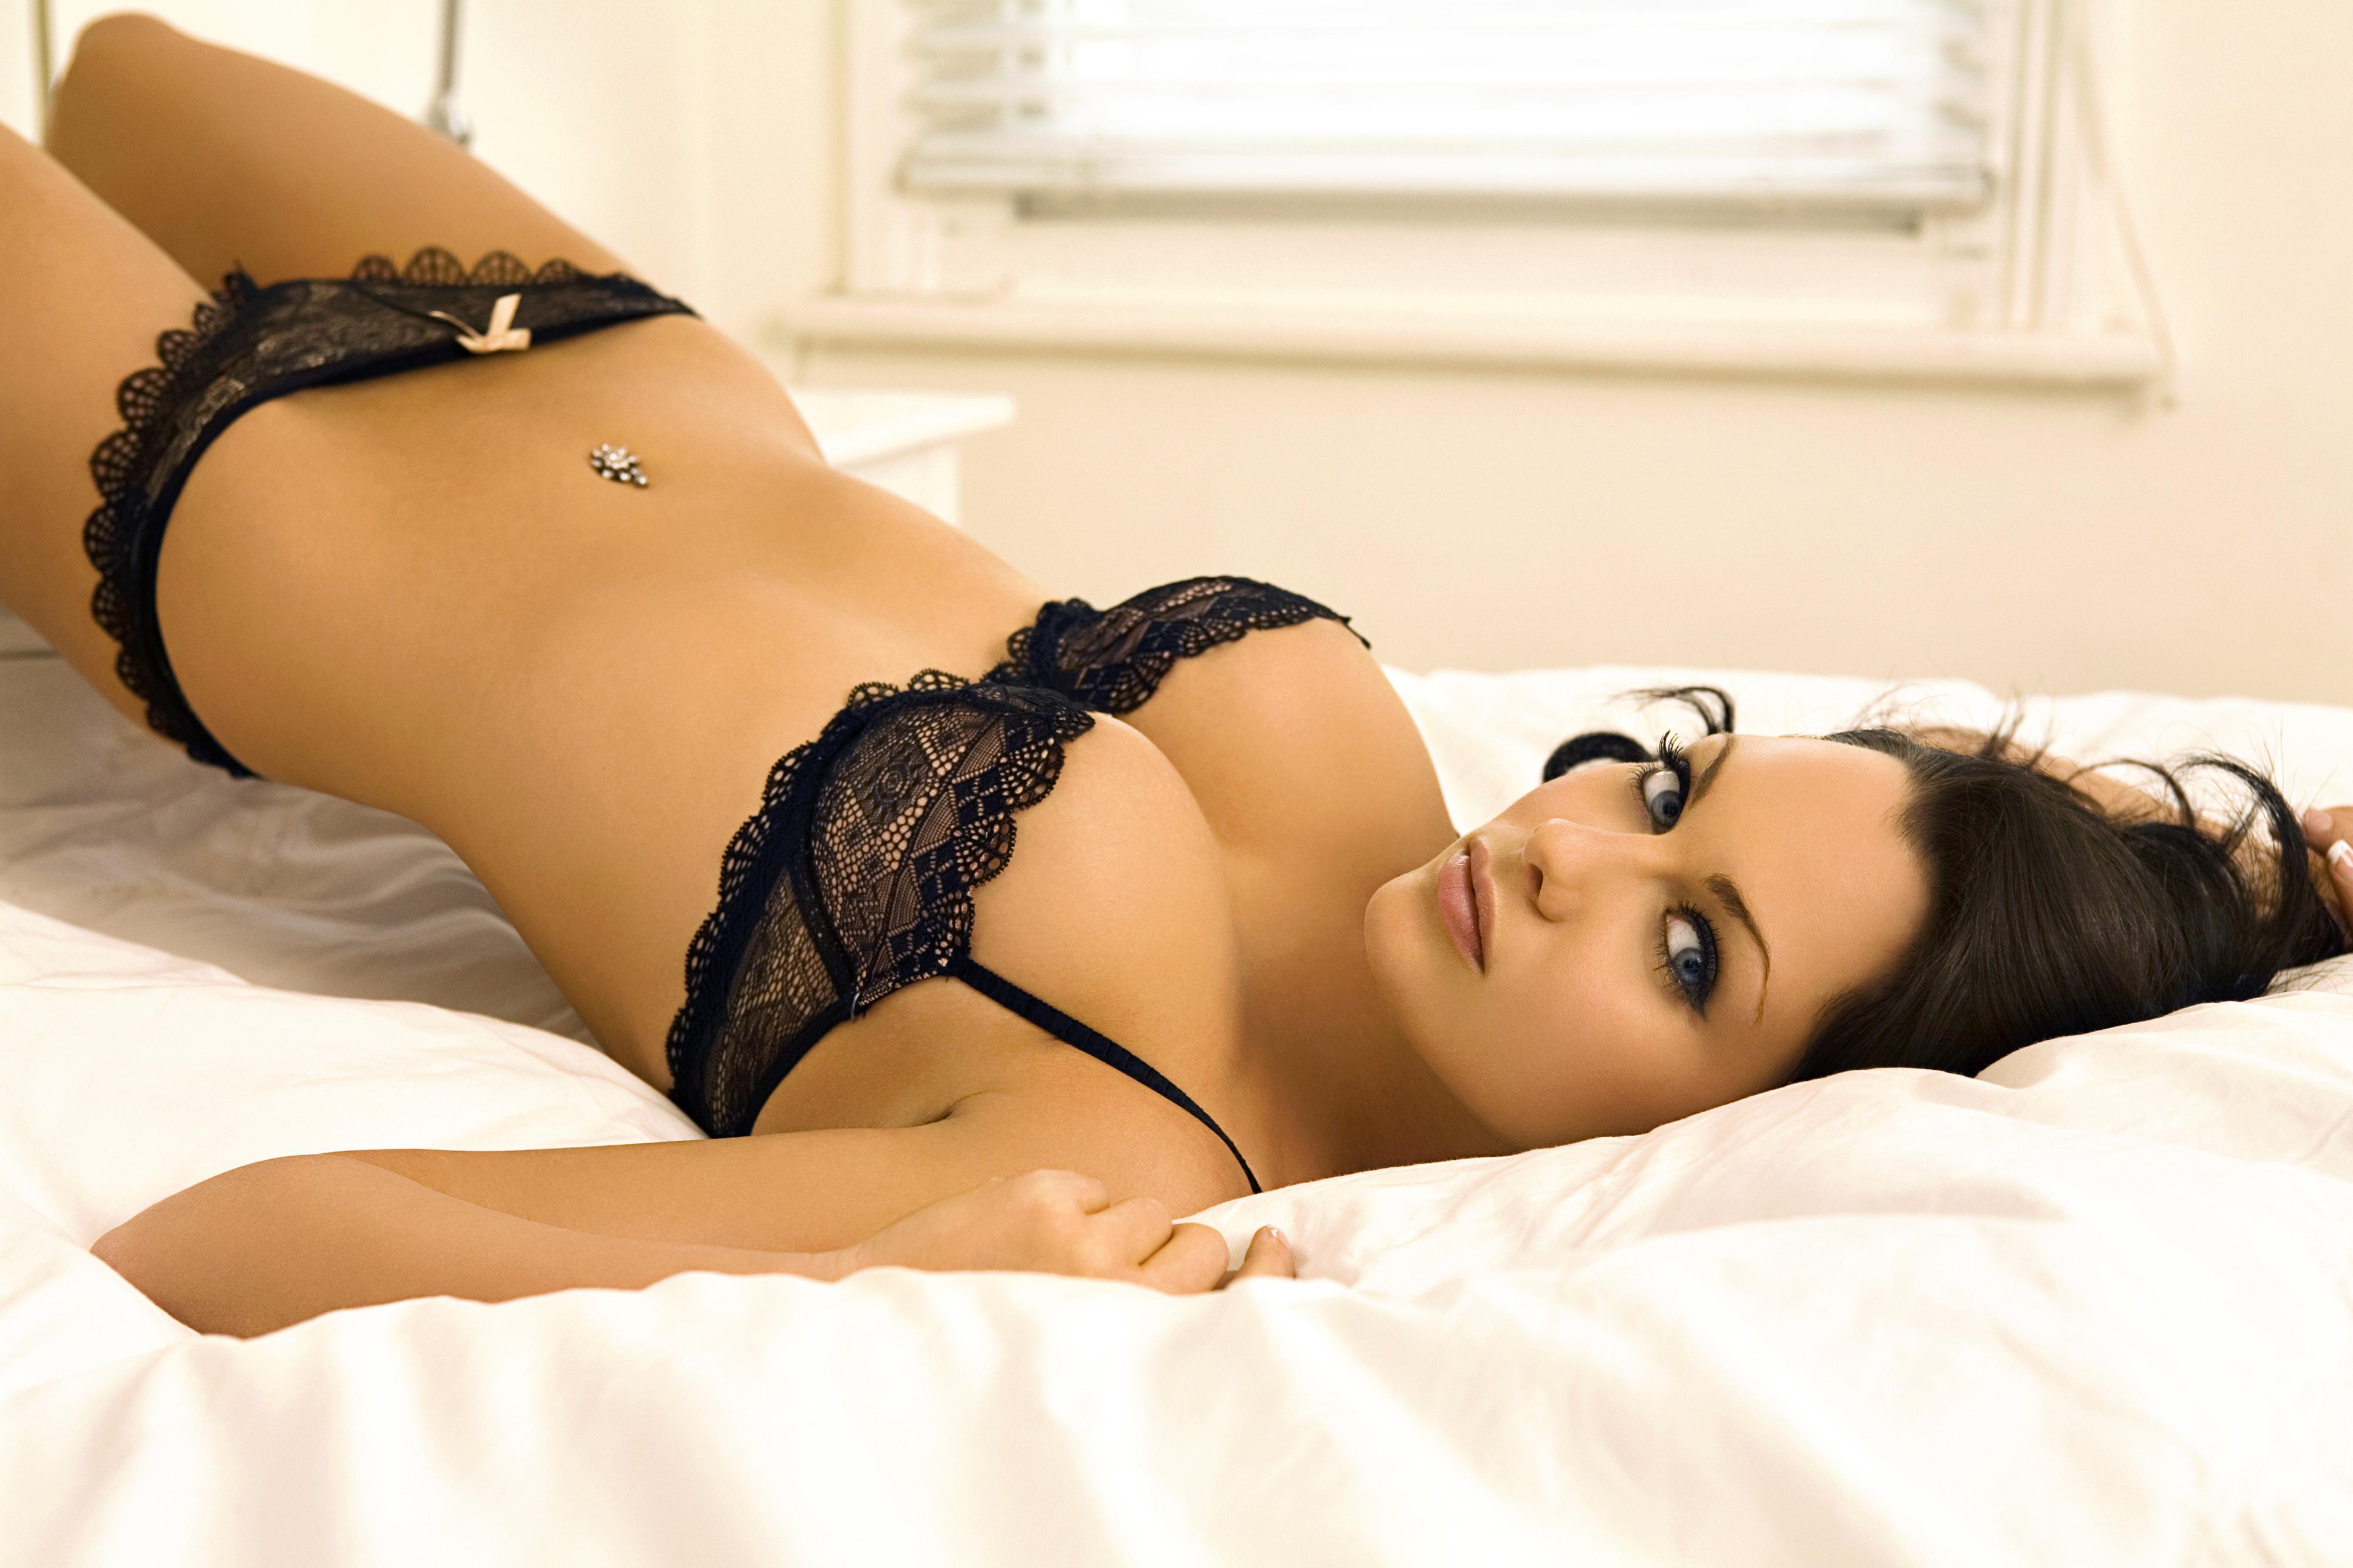 Картинки самые красивые девушки голые